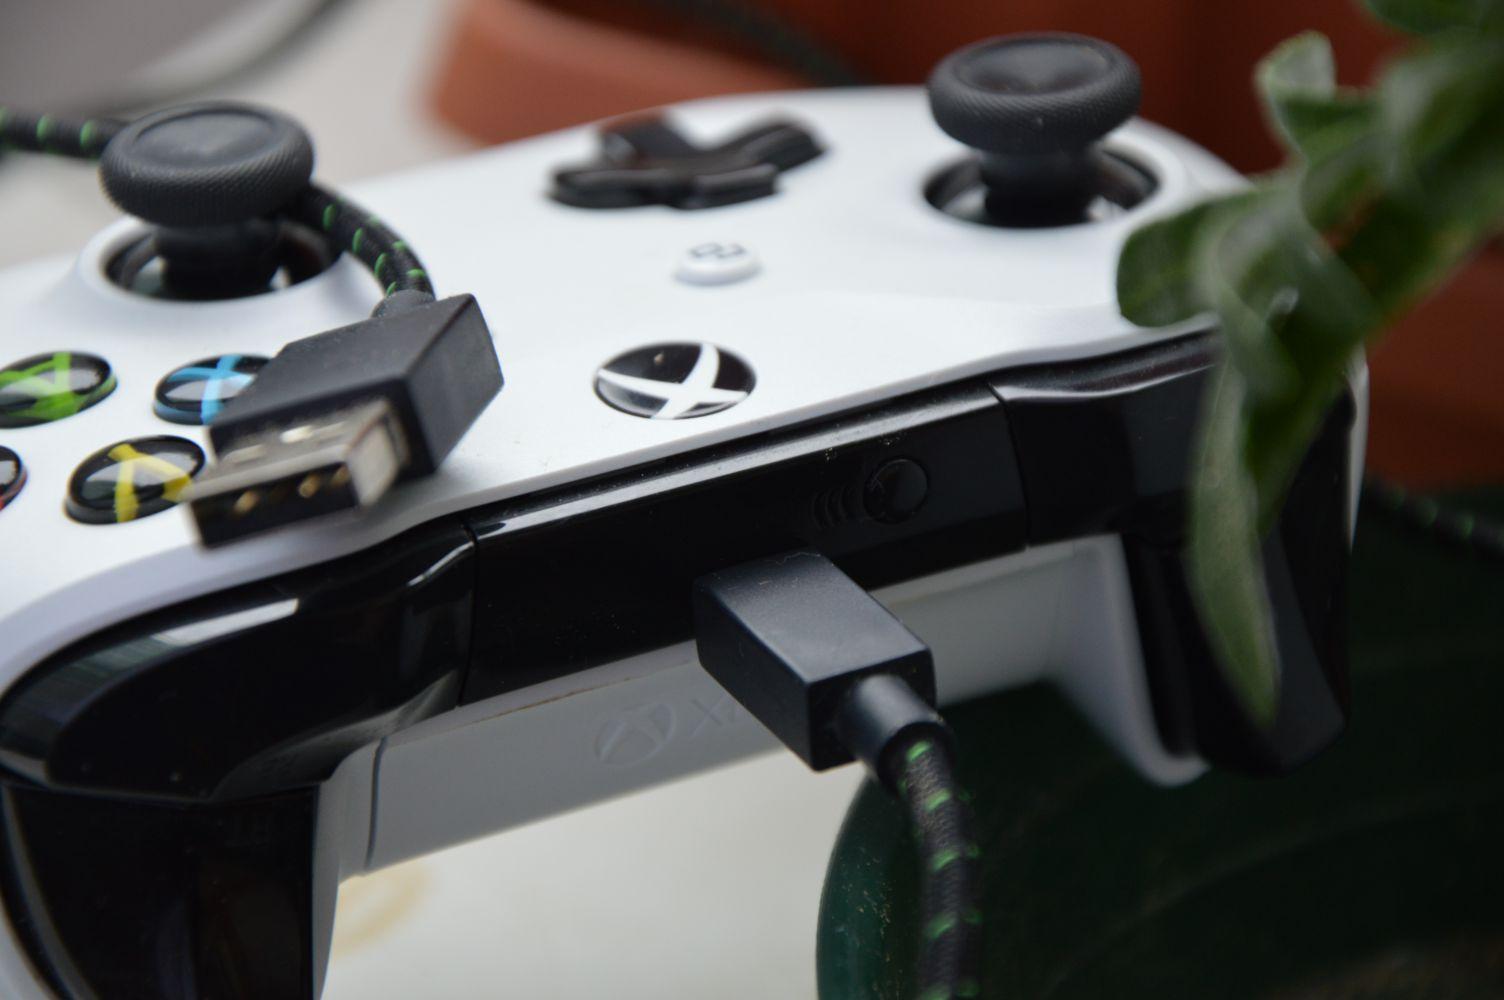 Knihovna zptn kompatibilnch her pro Xbox One Xbox